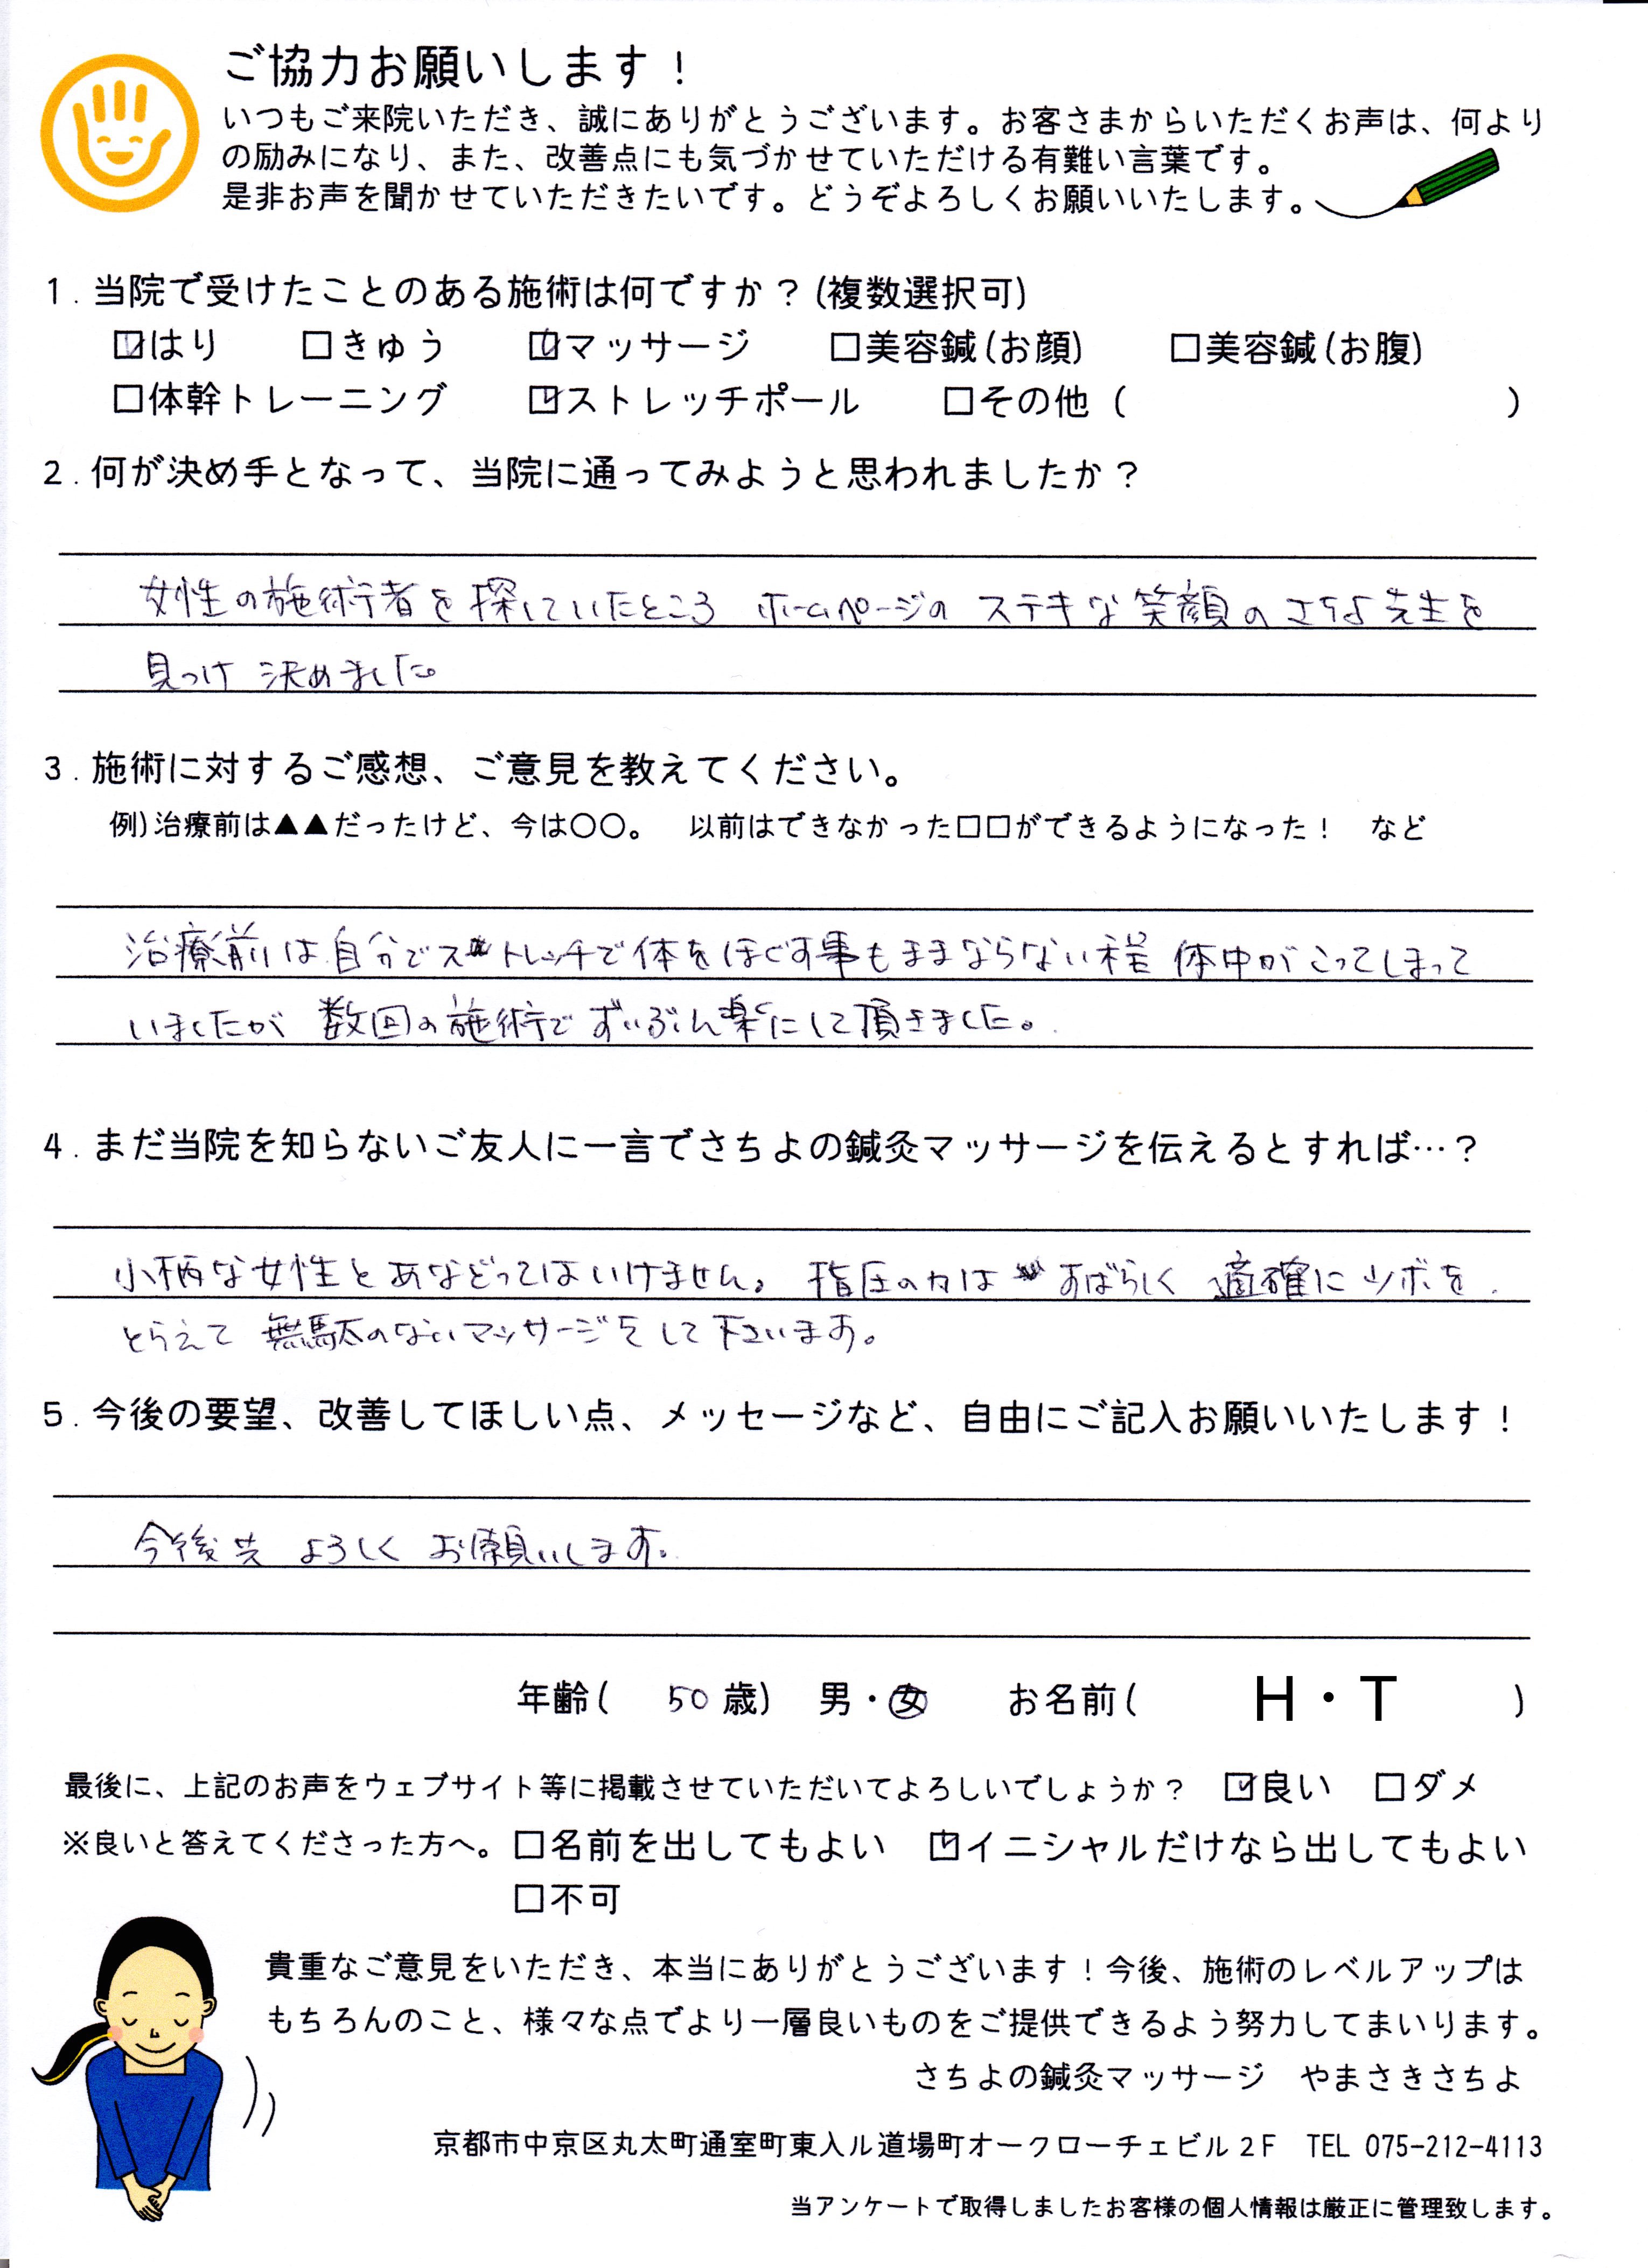 tsuchiya02